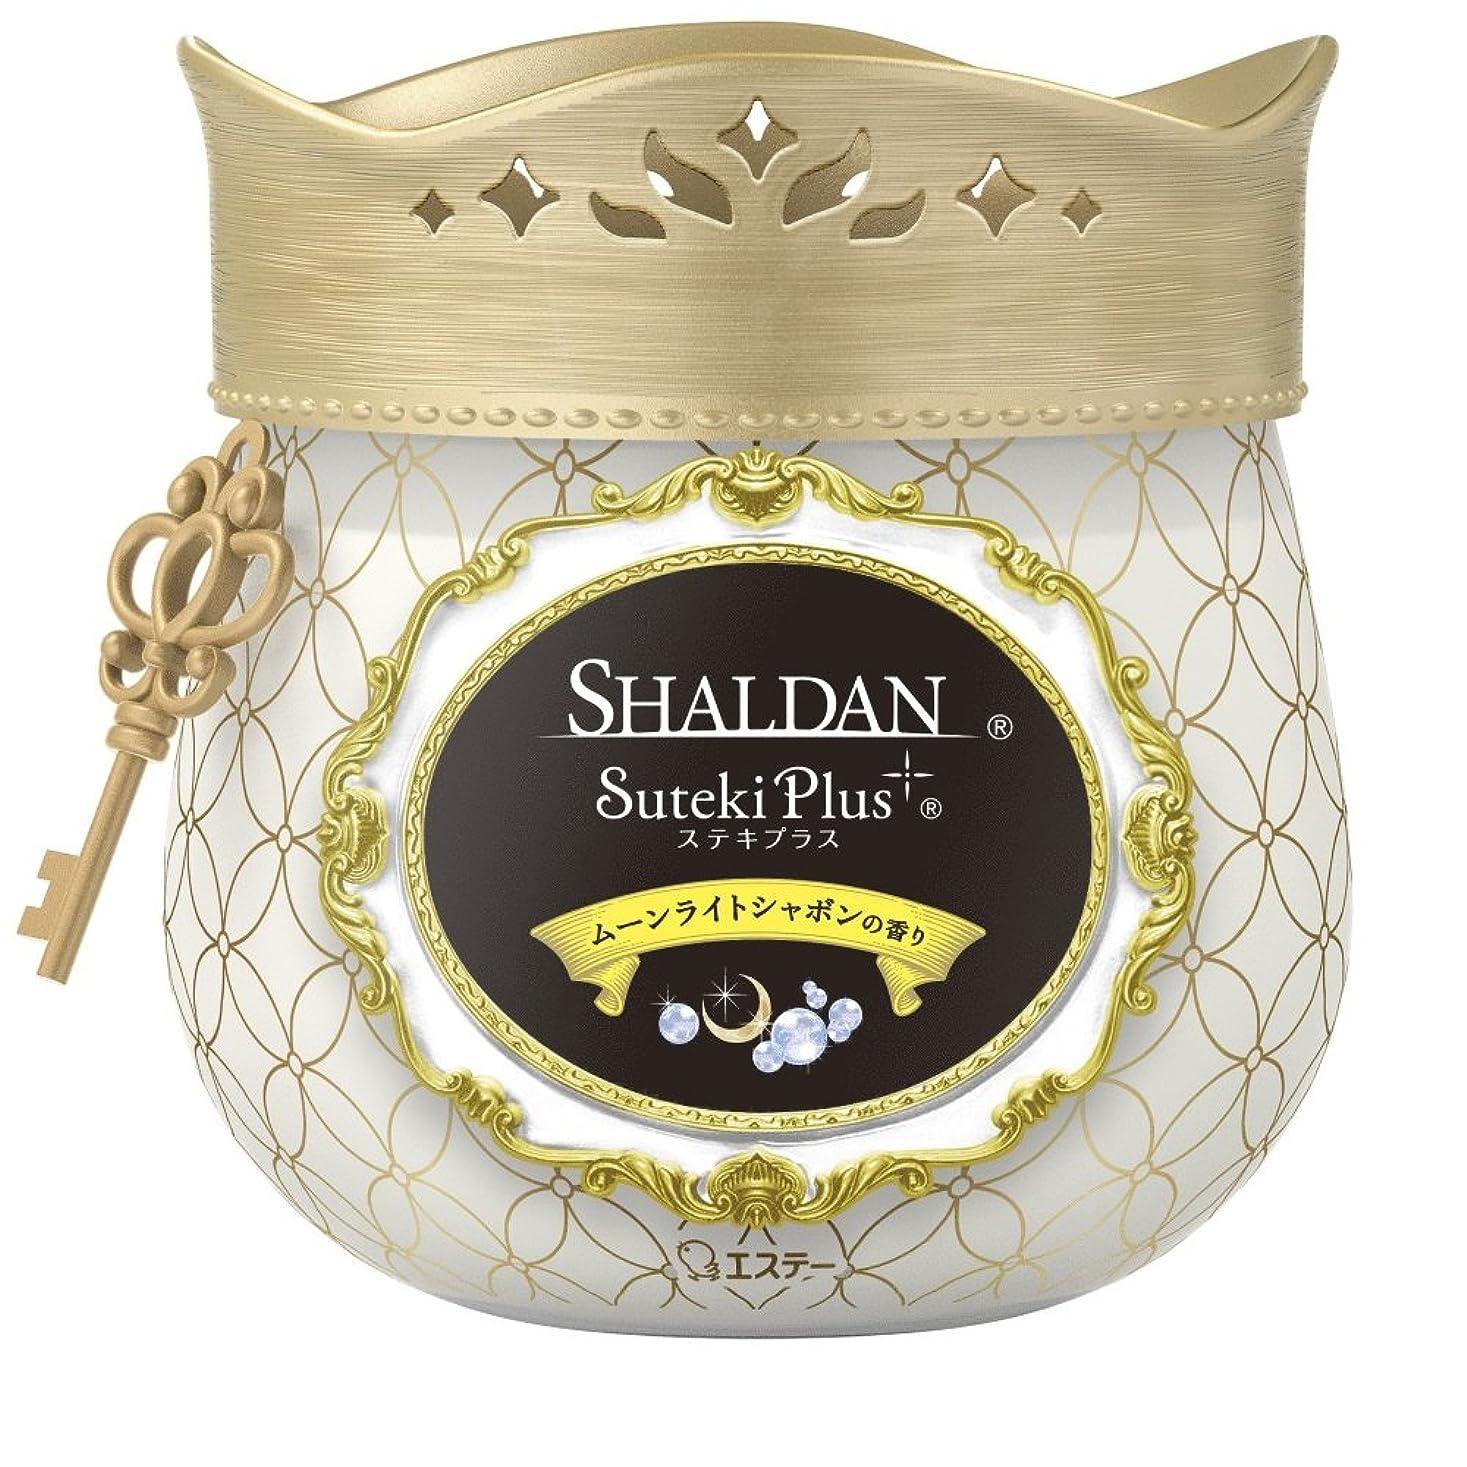 献身モーター価値シャルダン SHALDAN ステキプラス 消臭芳香剤 部屋用 部屋 ムーンライトシャボンの香り 260g